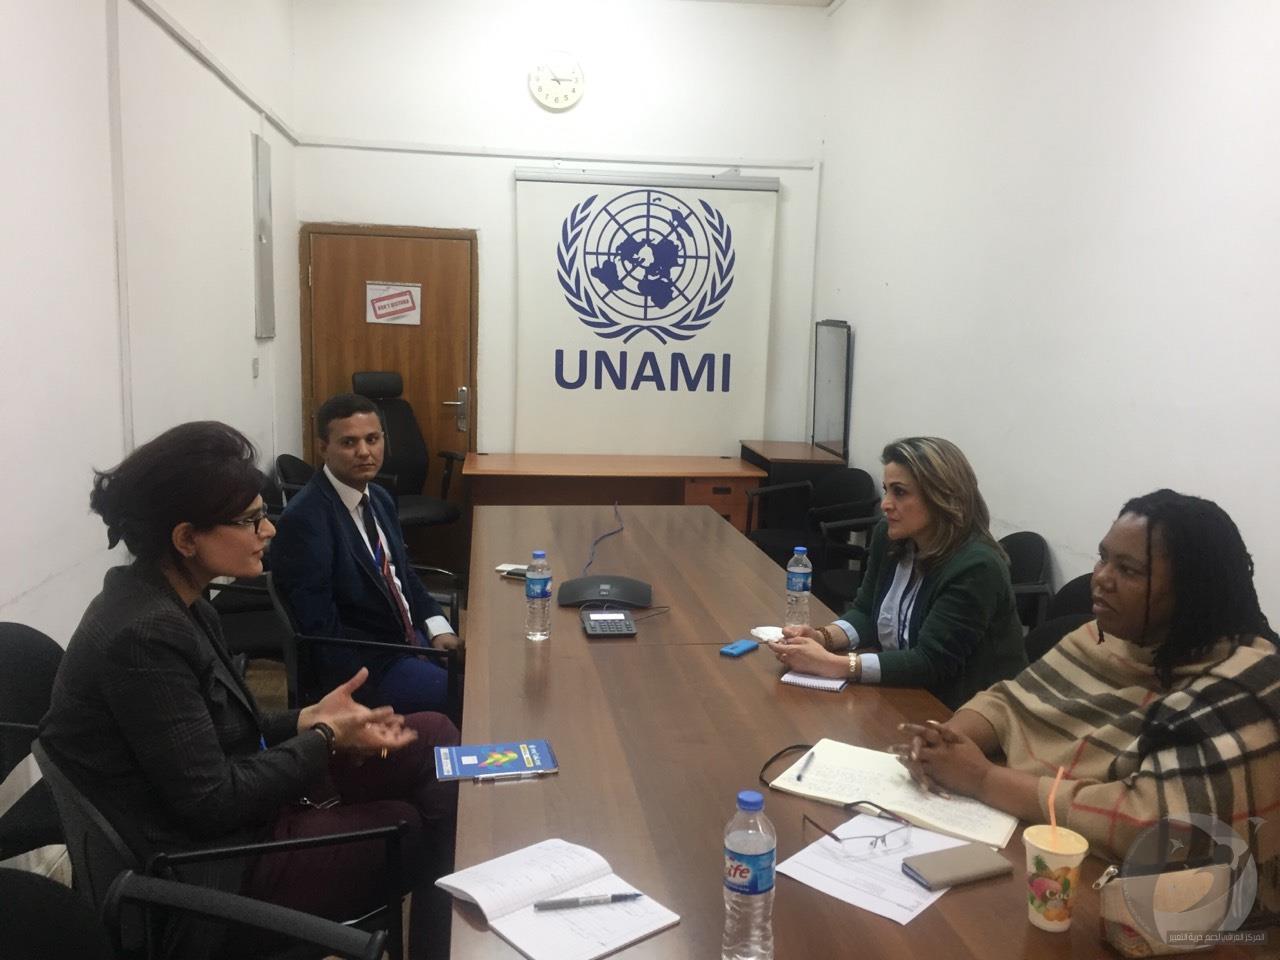 المركز العراقي لدعم حرية التعبير يناقش مع الامم المتحدة توفير الحماية للصحفيين